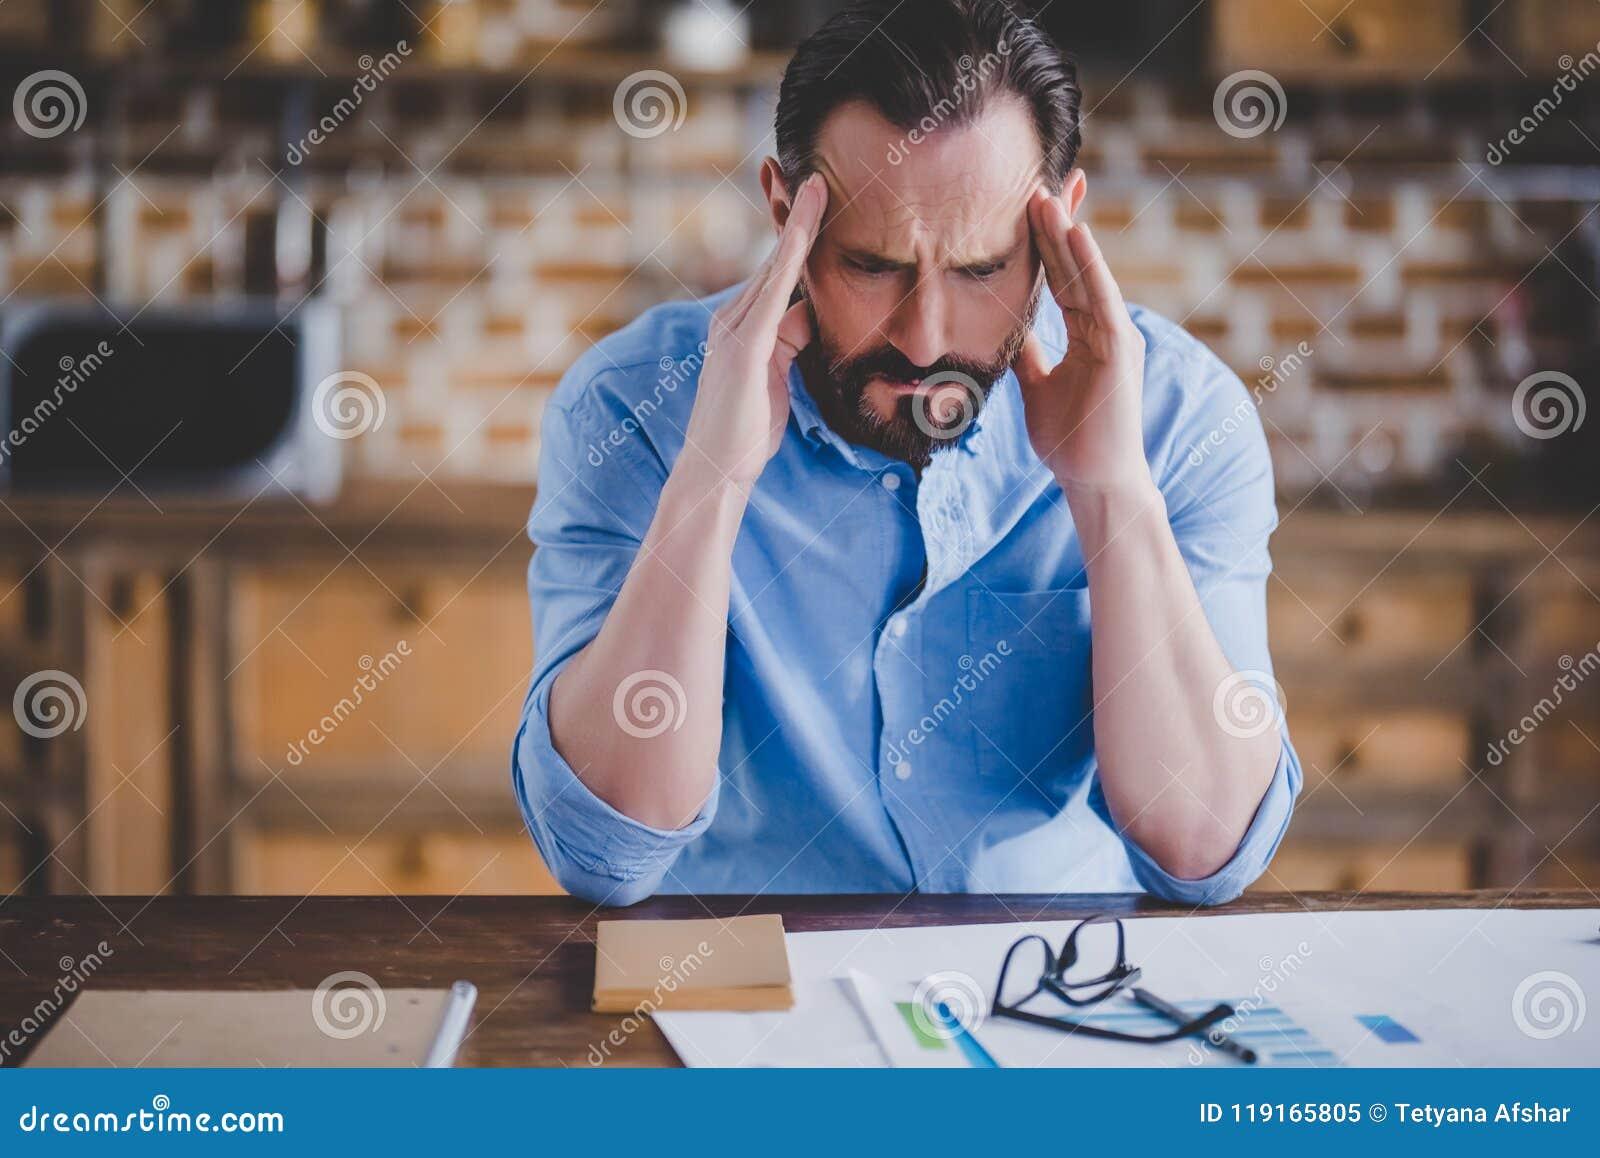 Hombre de negocios cansado con jaqueca después del trabajo